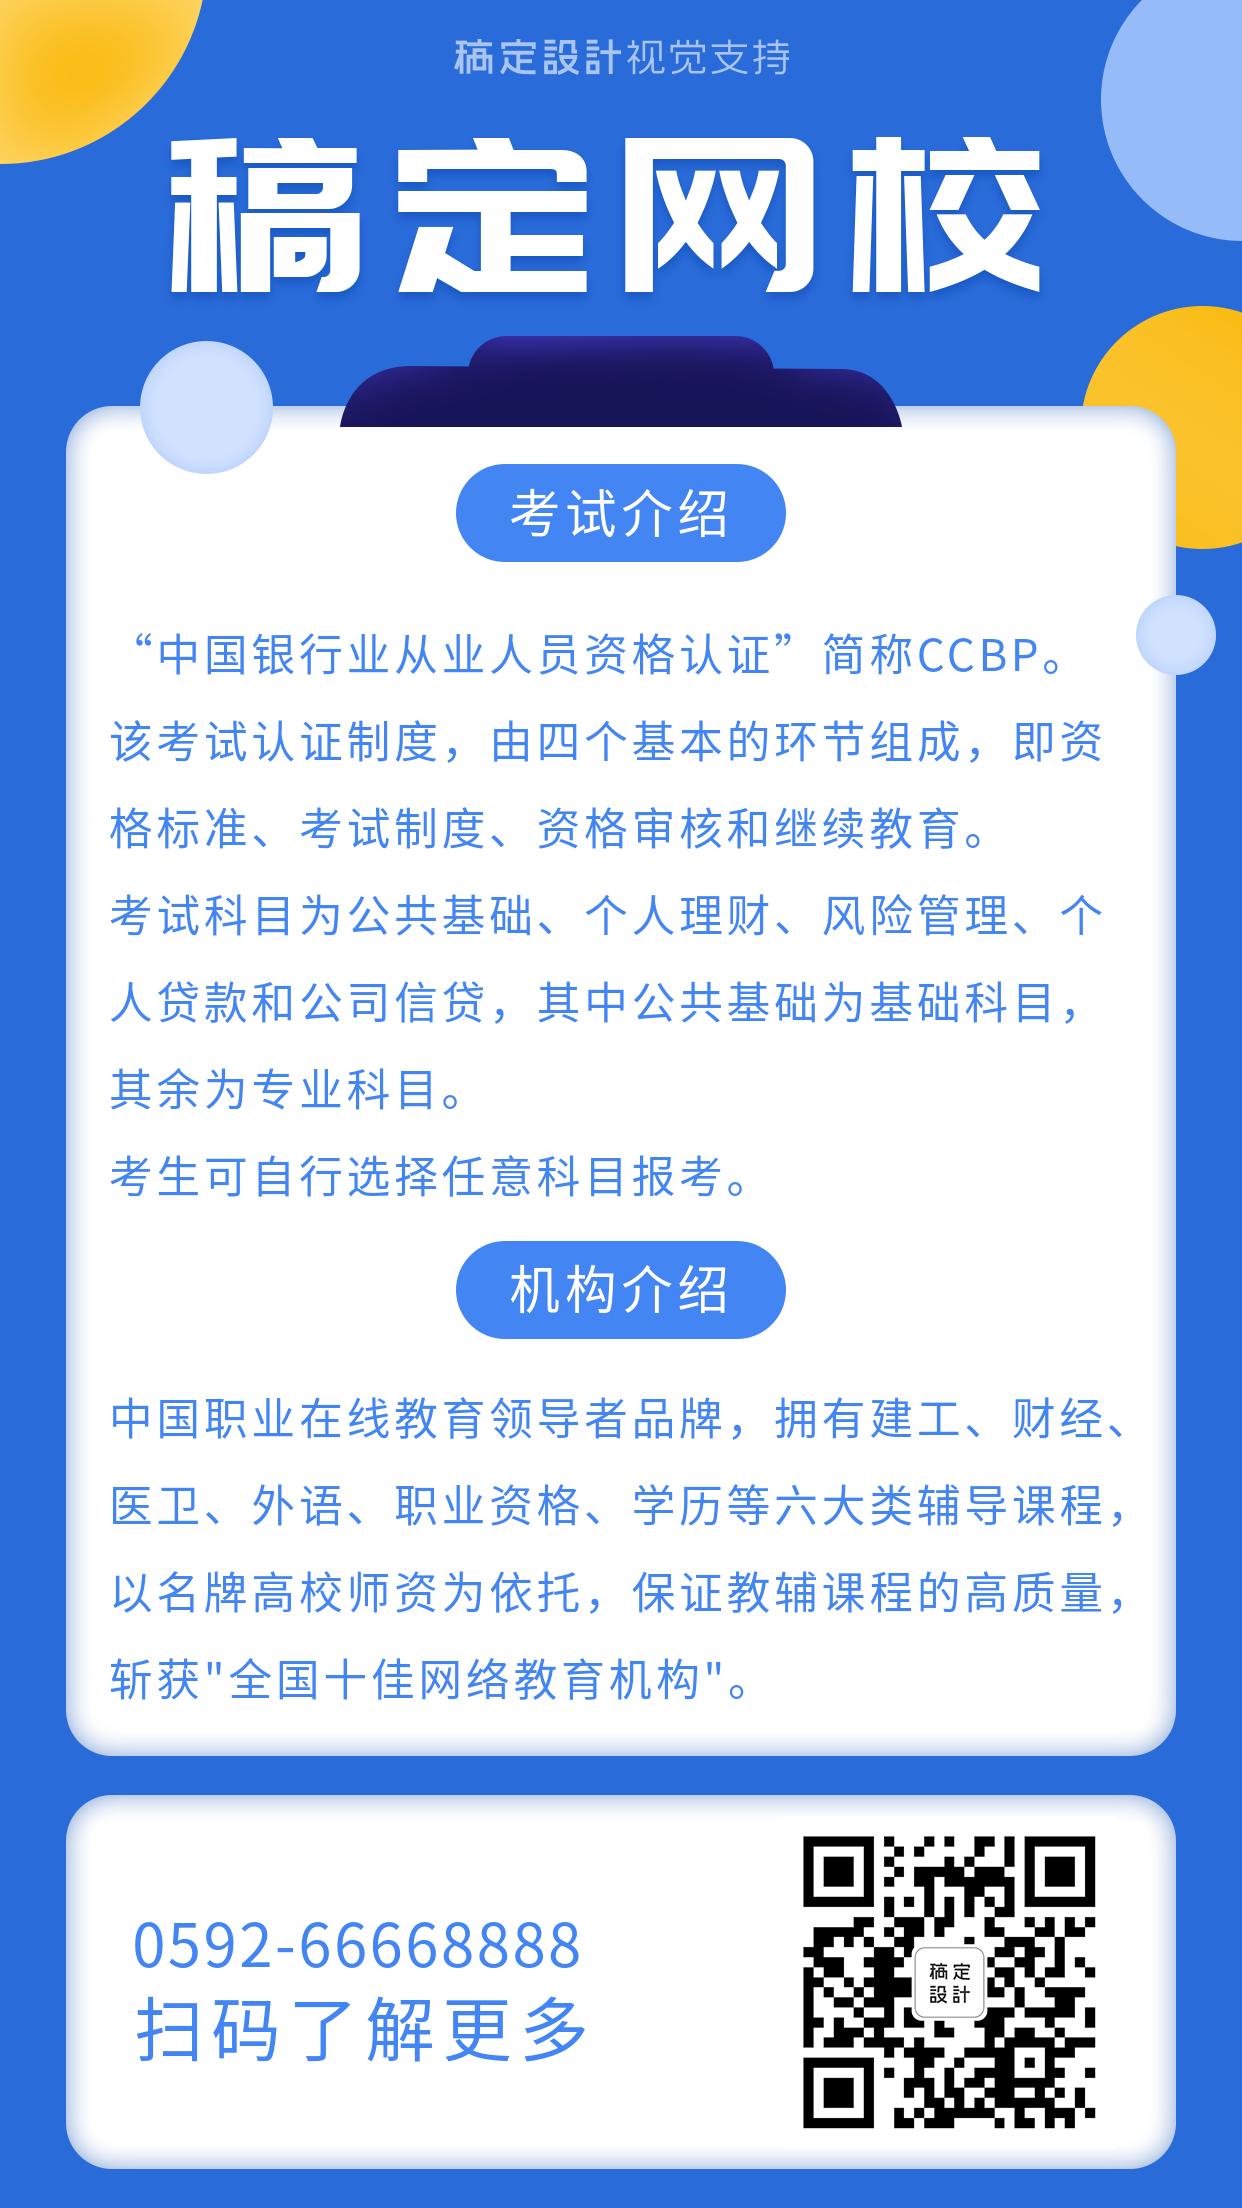 稳定网校机构介绍蓝色简约风海报